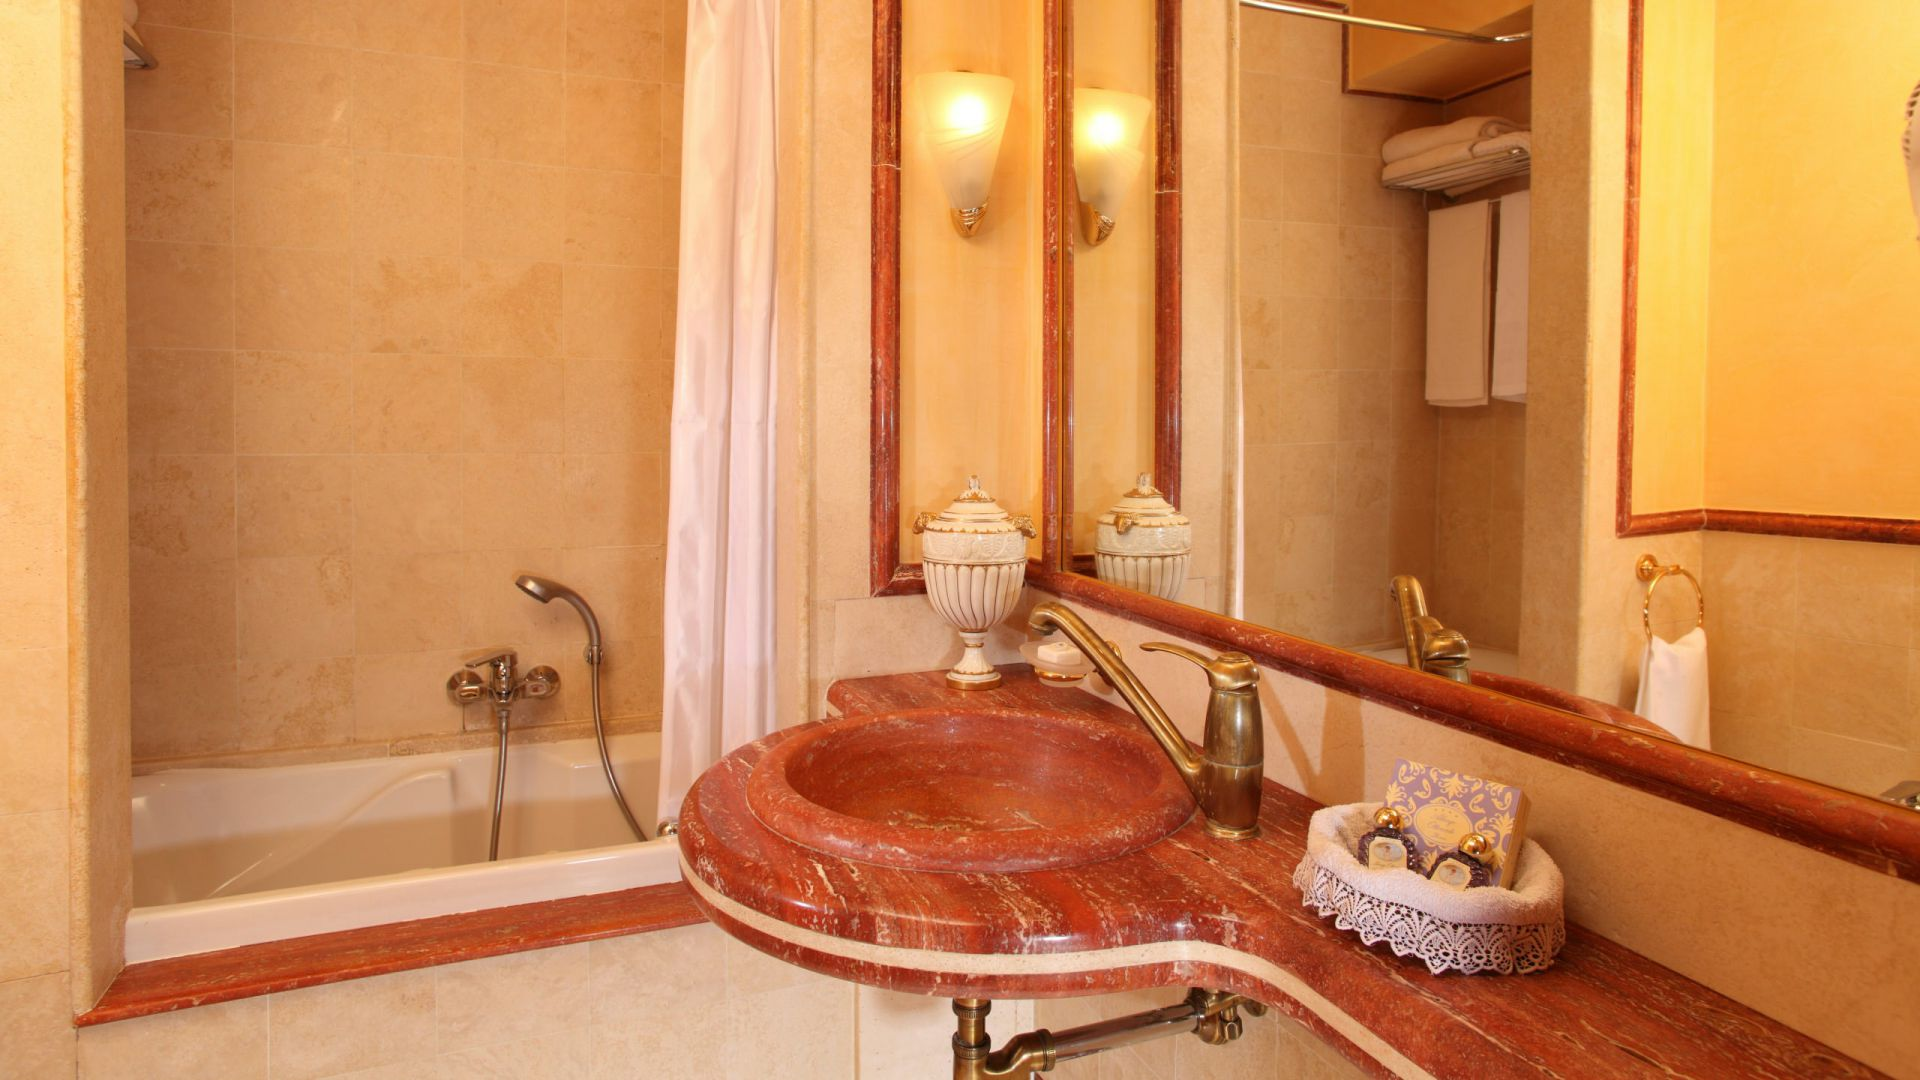 albergo-ottocento-roma-bagno-19